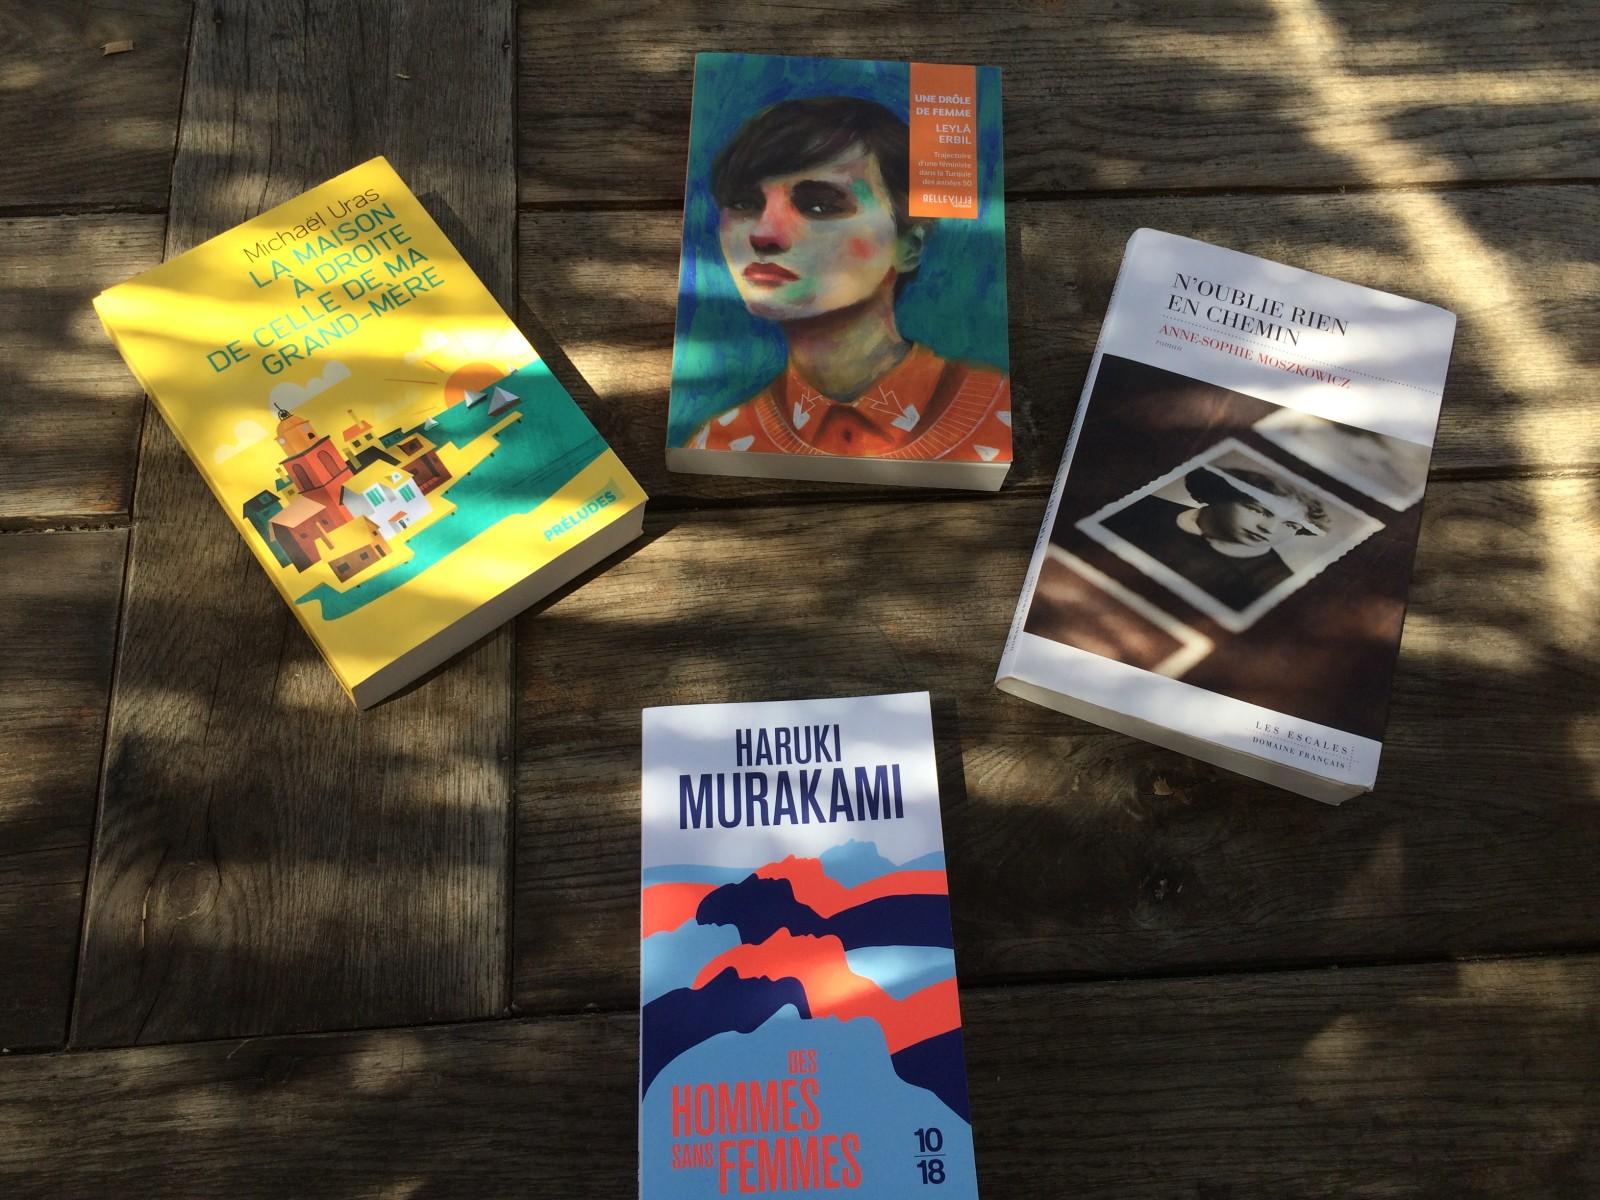 Des romans différents mais tout aussi passionants. ©MD